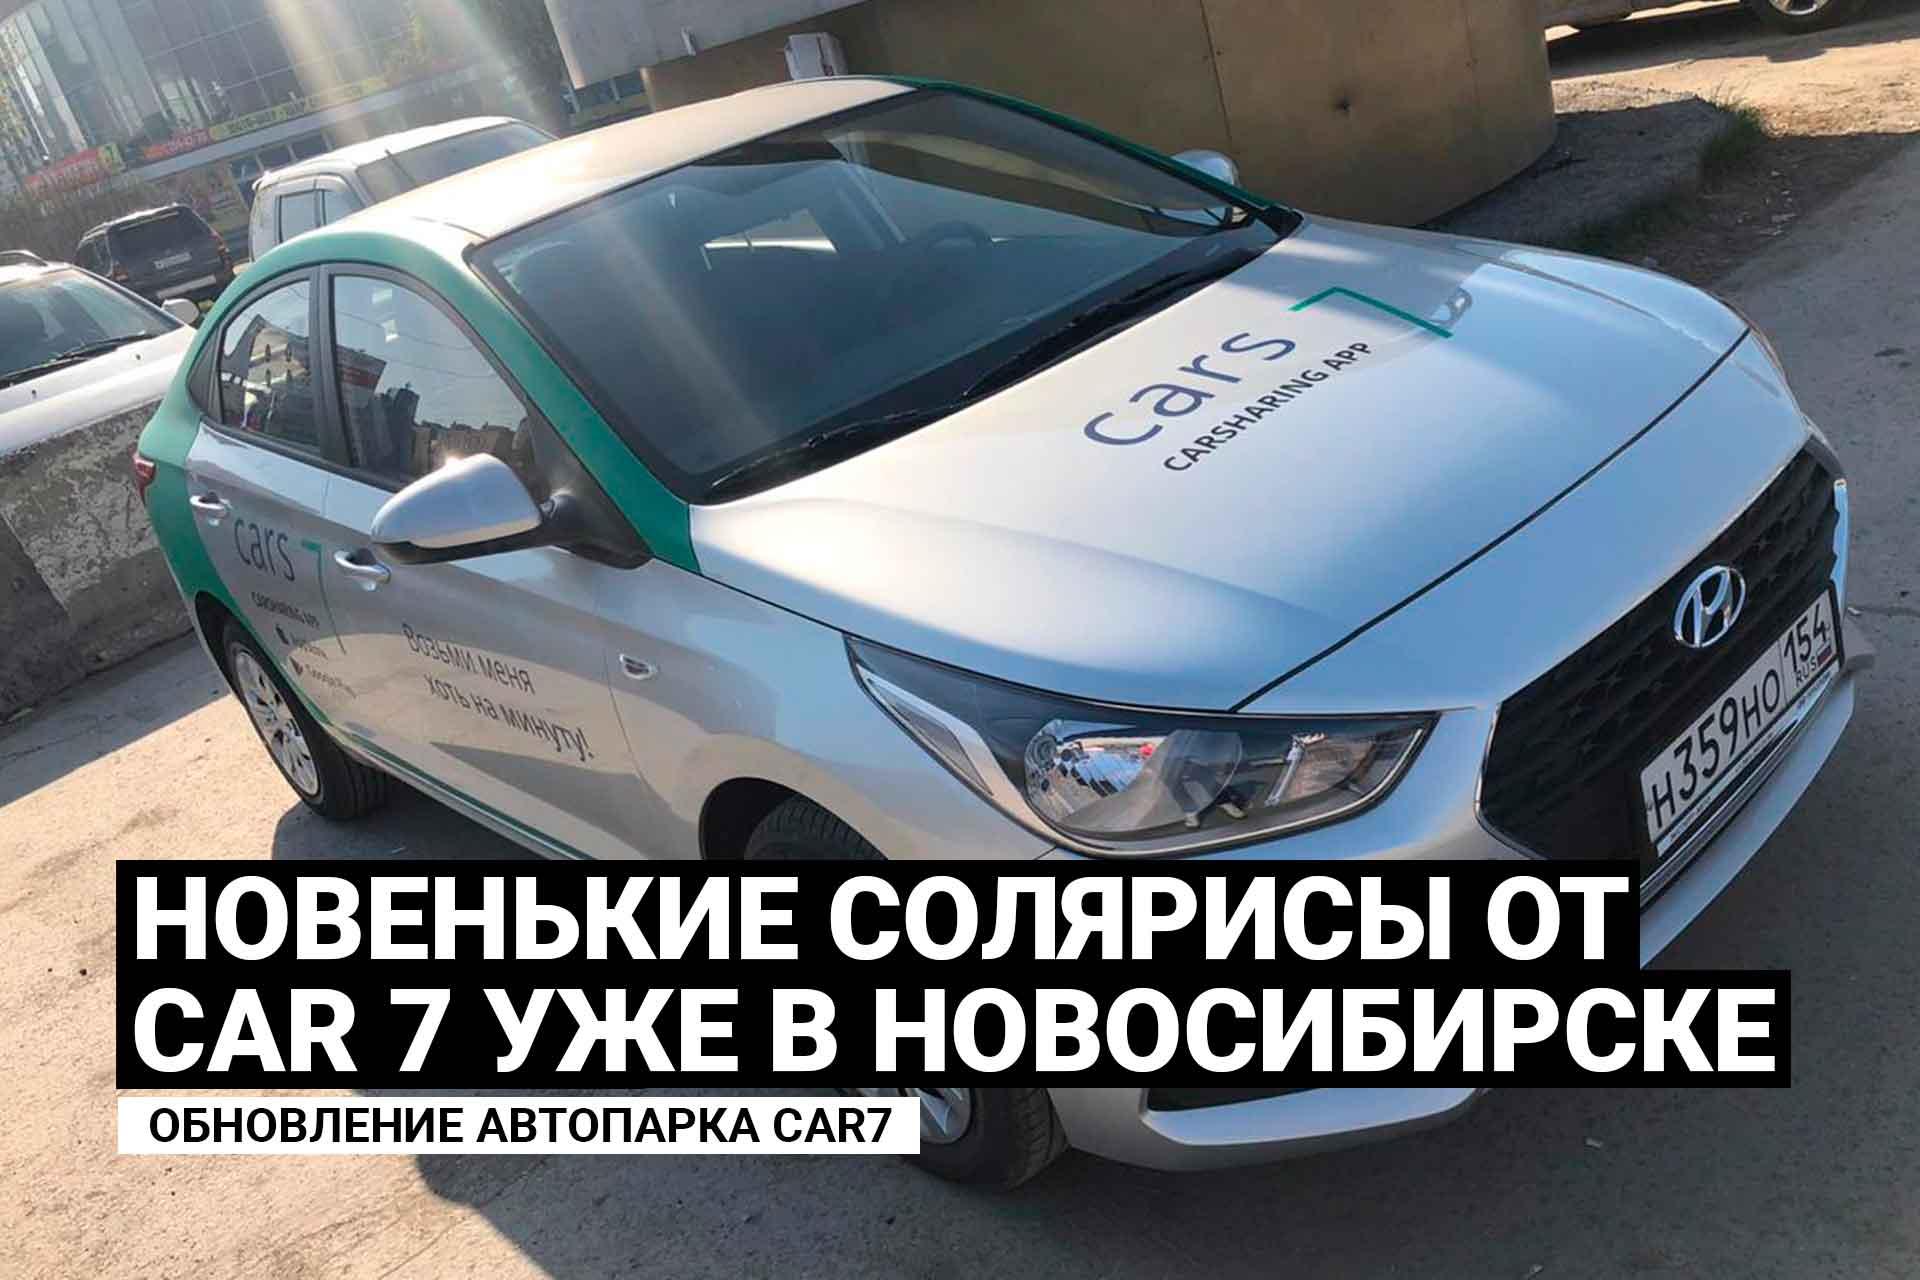 CAR 7: Solaris в Новосибирске